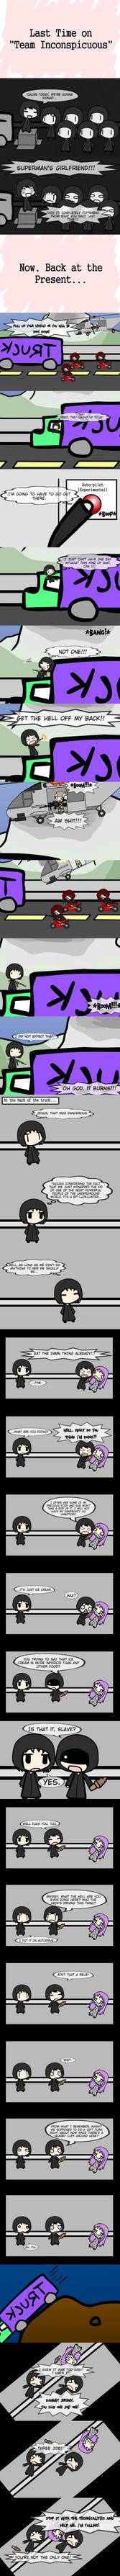 Team Inconspicuous Episode 2 by DarkJar001